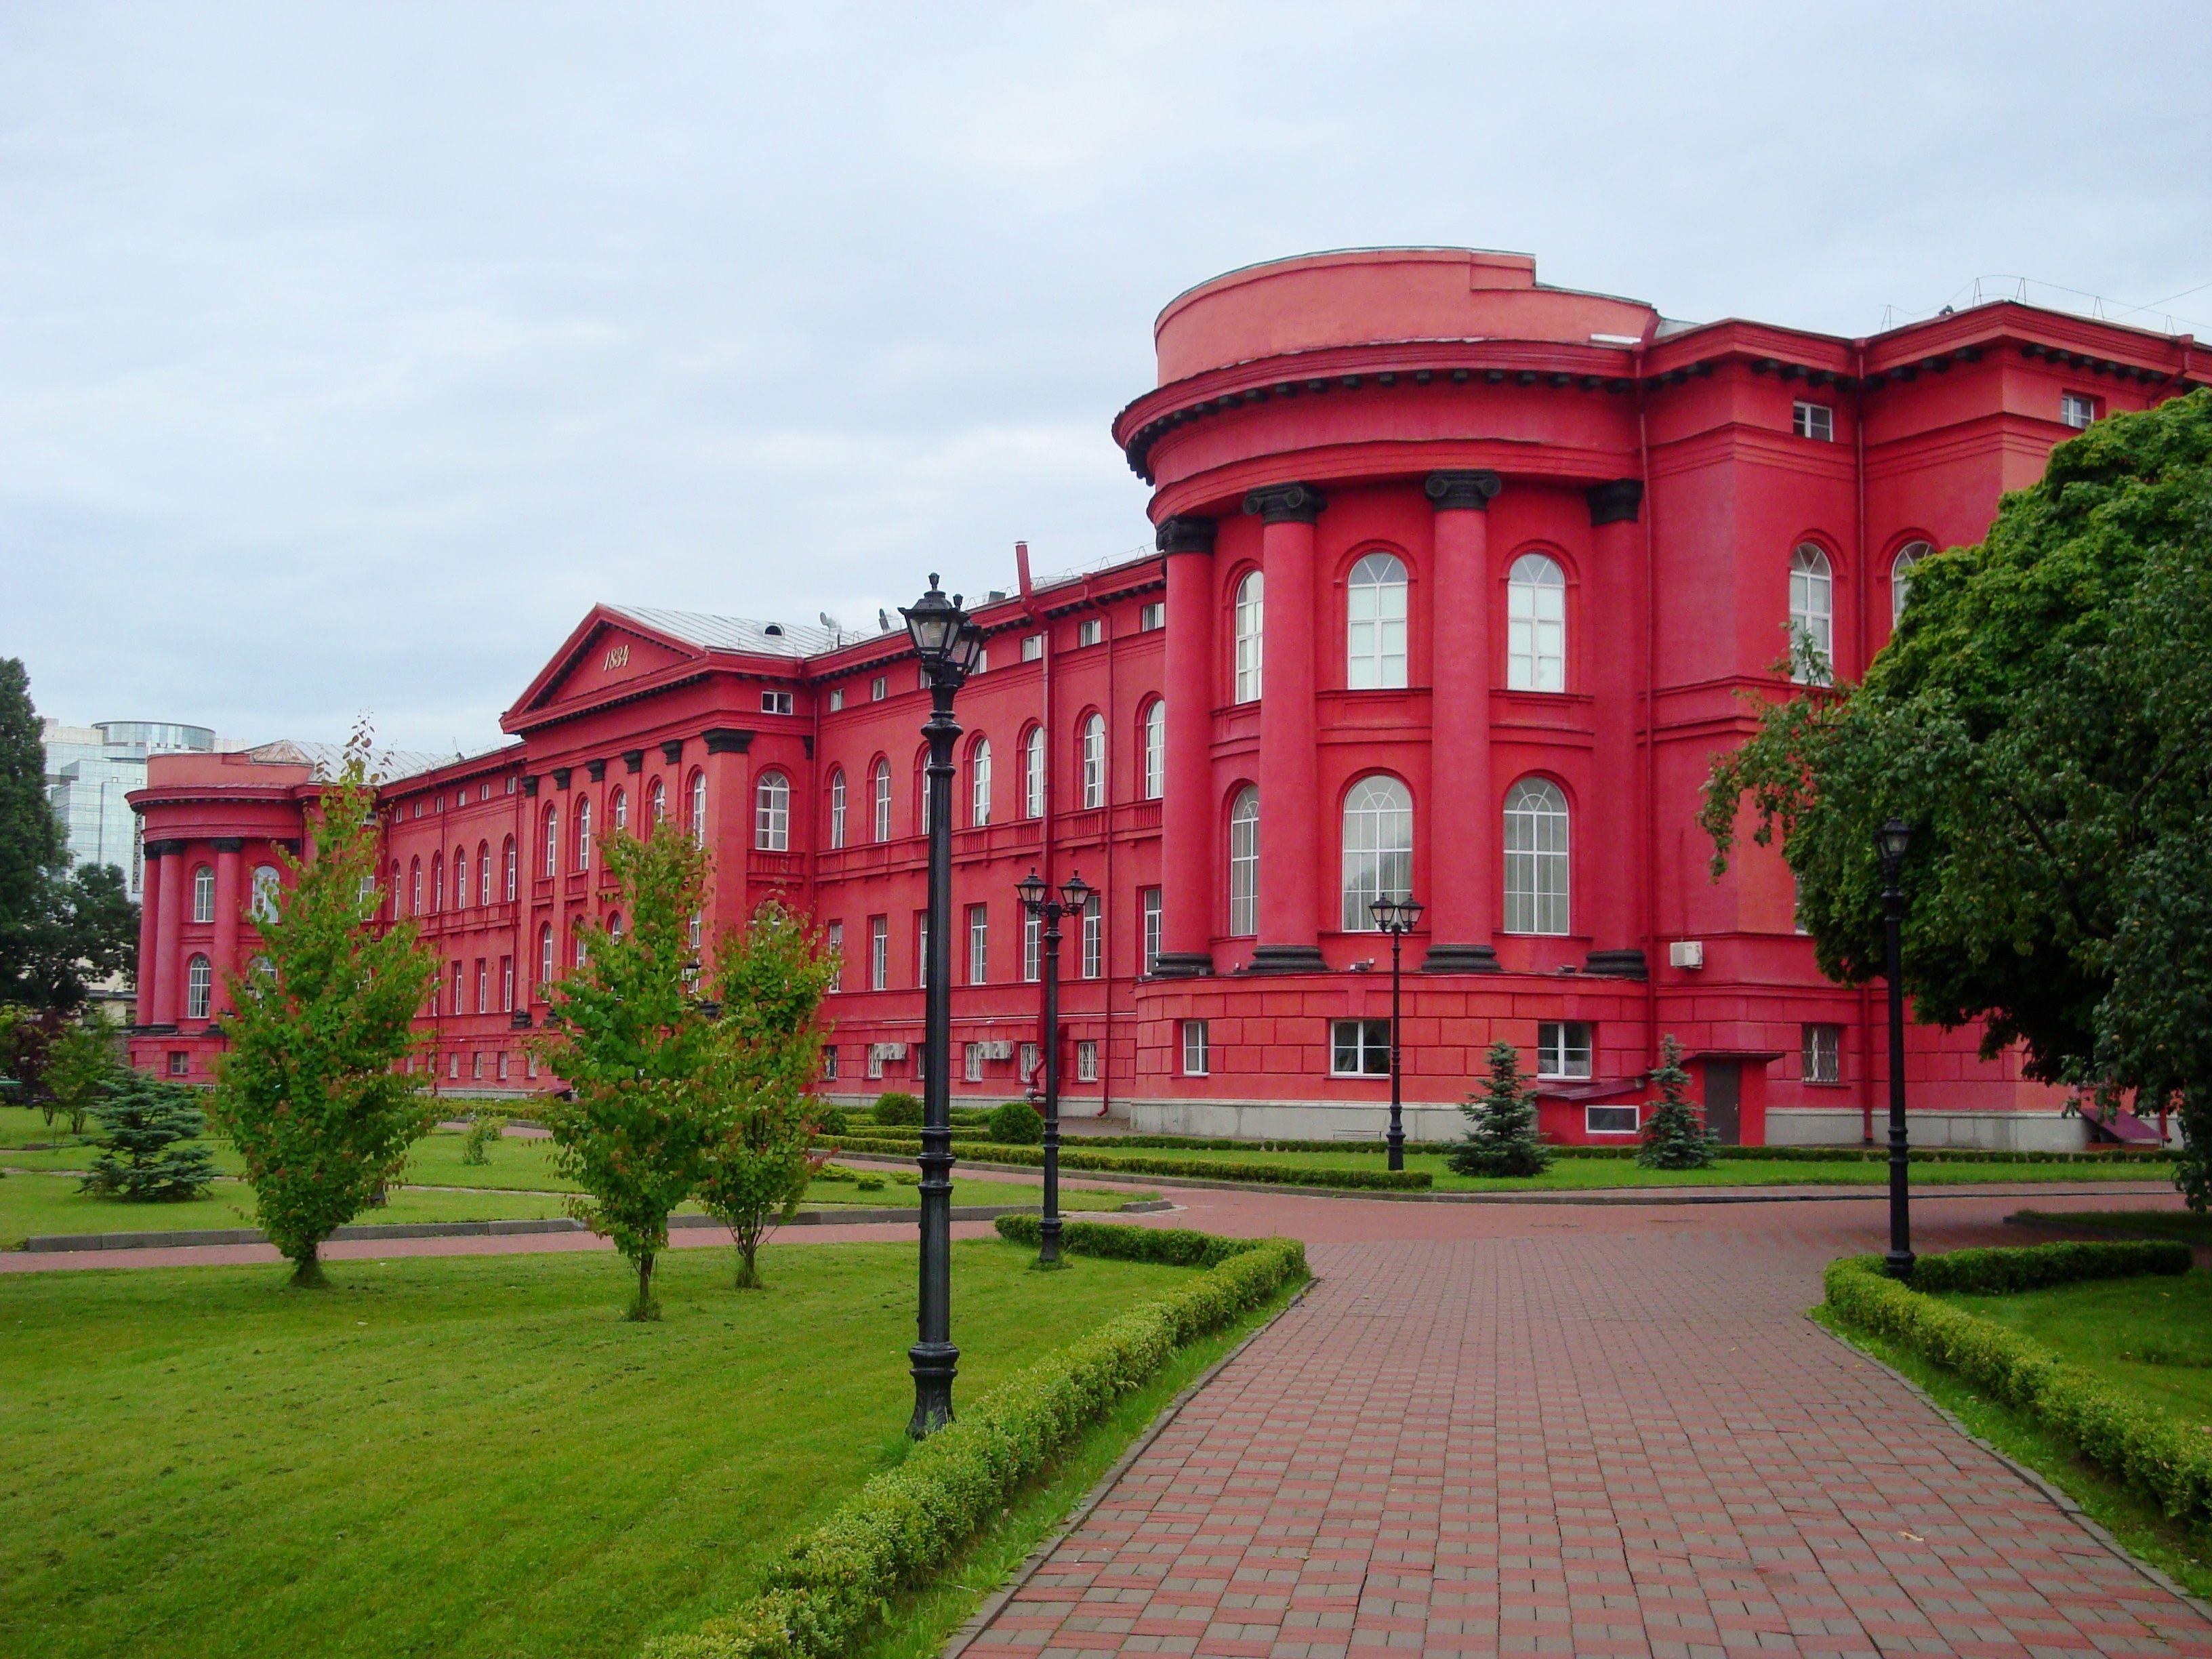 Університет Шевченка, червоний корпус